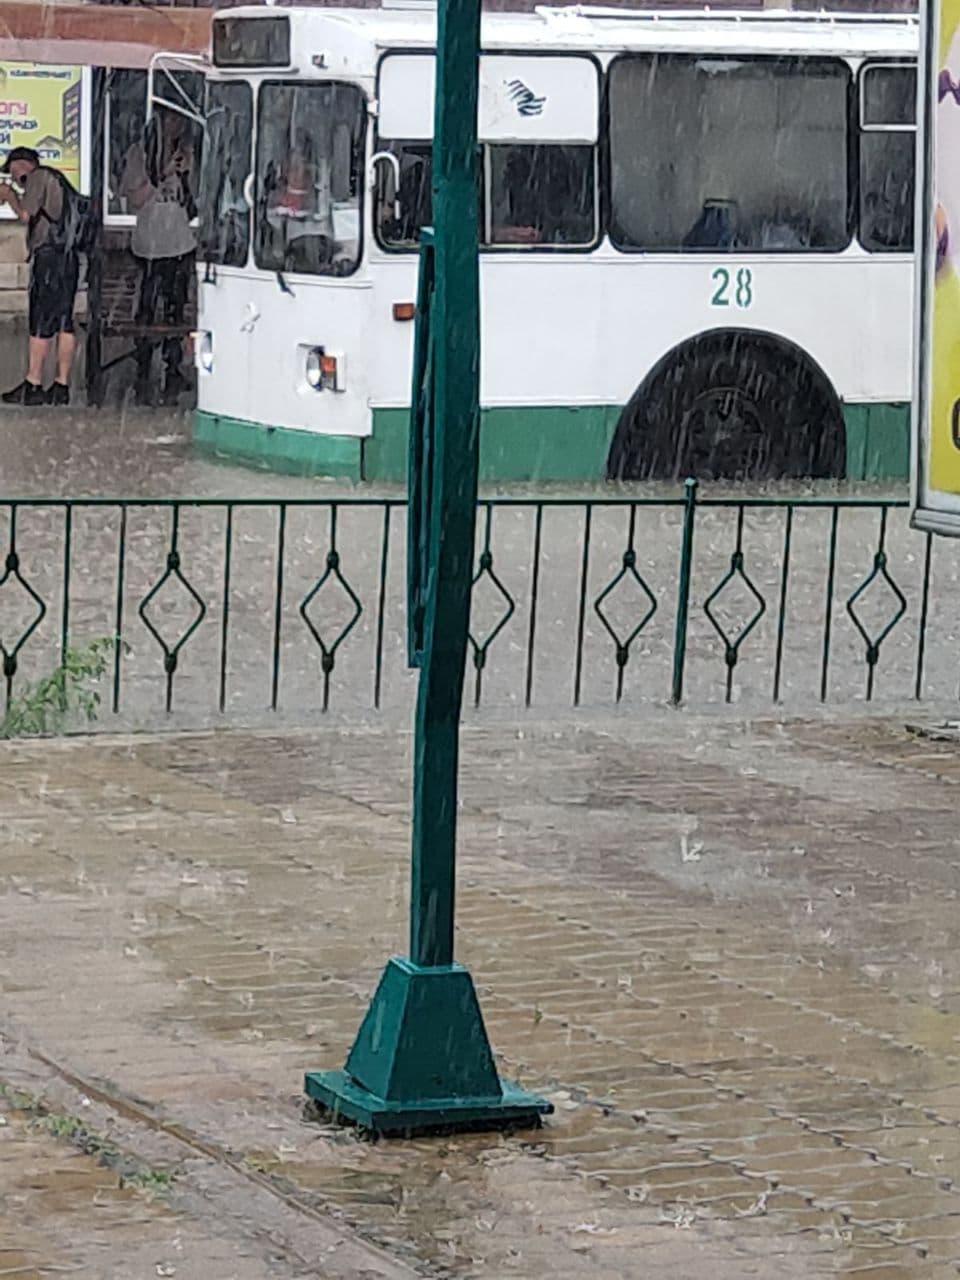 ВБендерах иТирасполе затопило улицы из-за дождя (ВИДЕО/ФОТО)